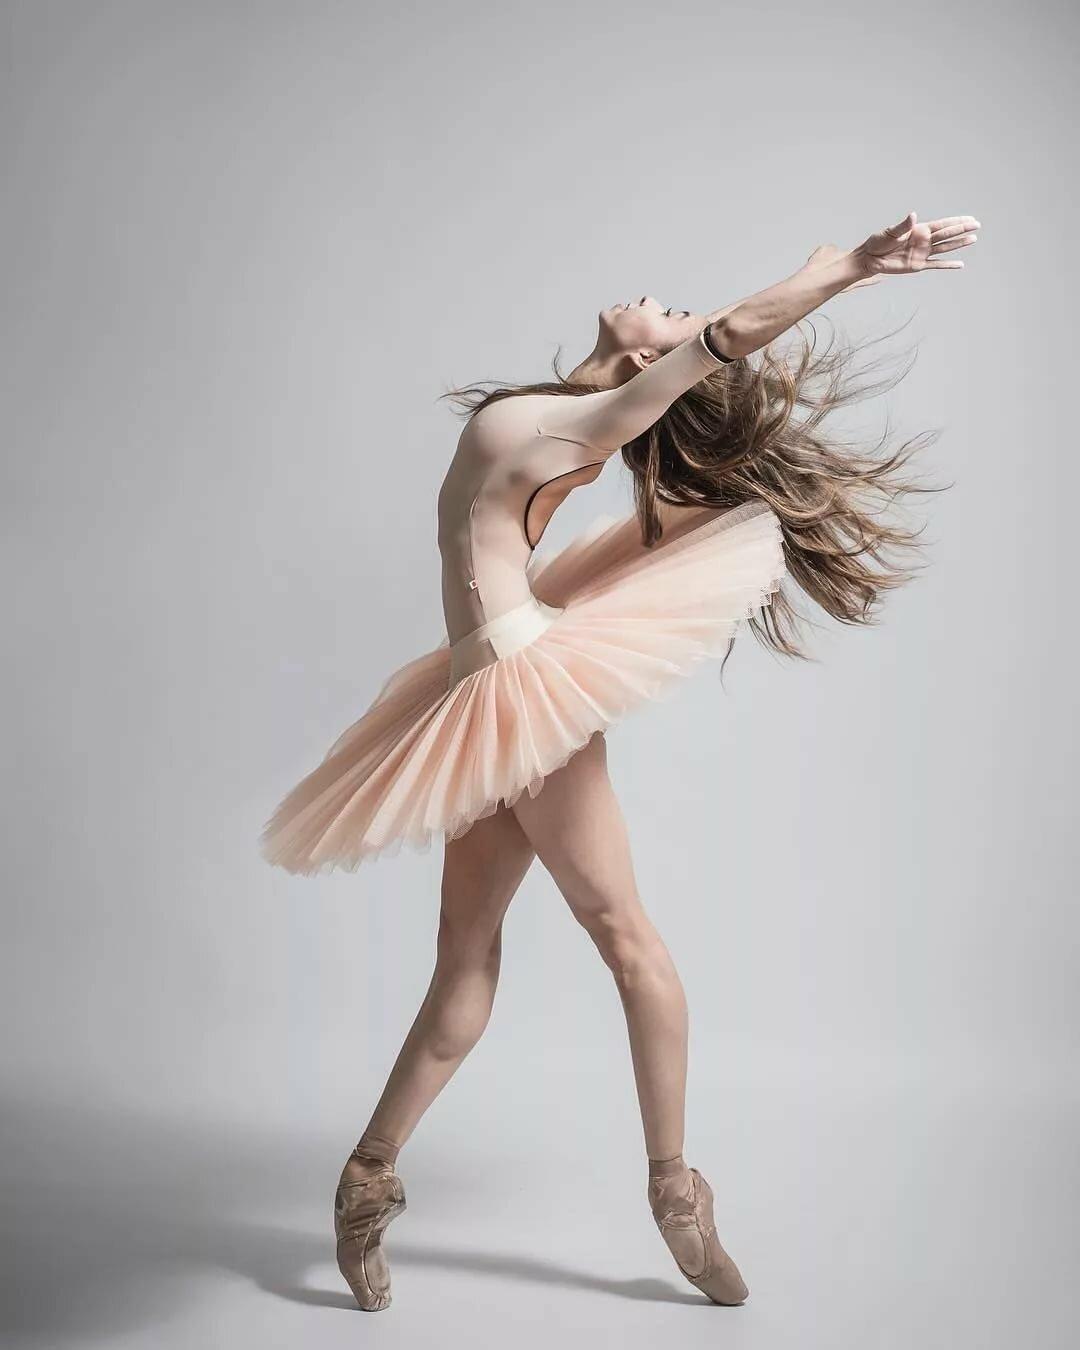 фотограф полные балерины картинки были